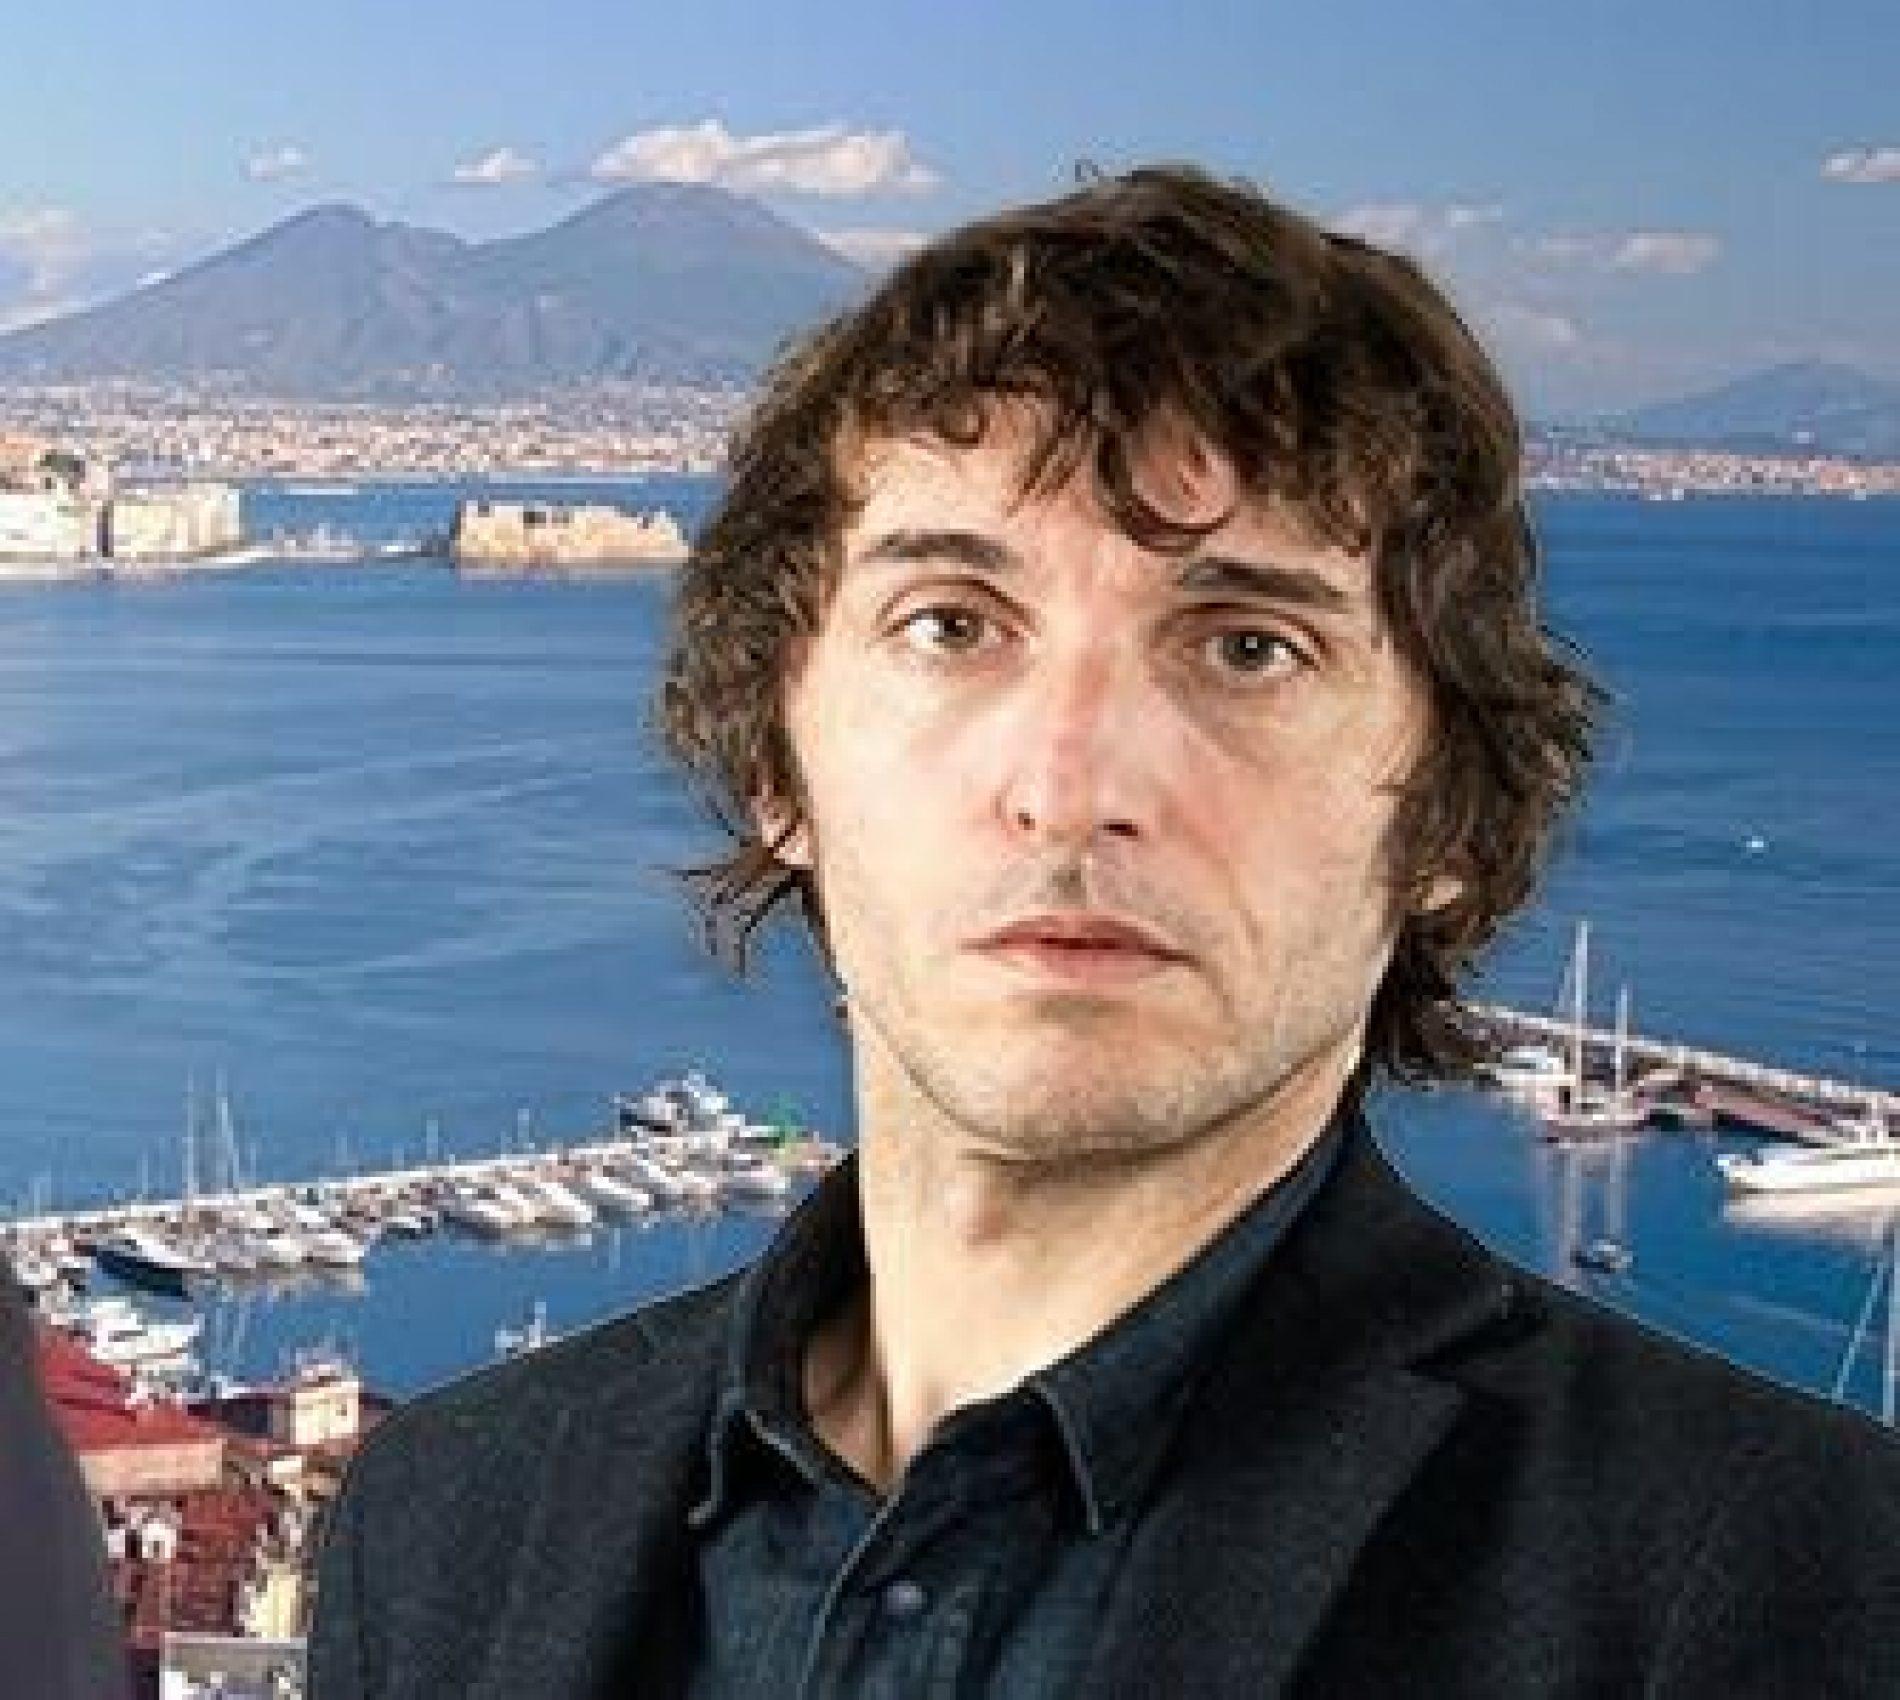 Napoli: Cruciani e la crociata vs Parthenope